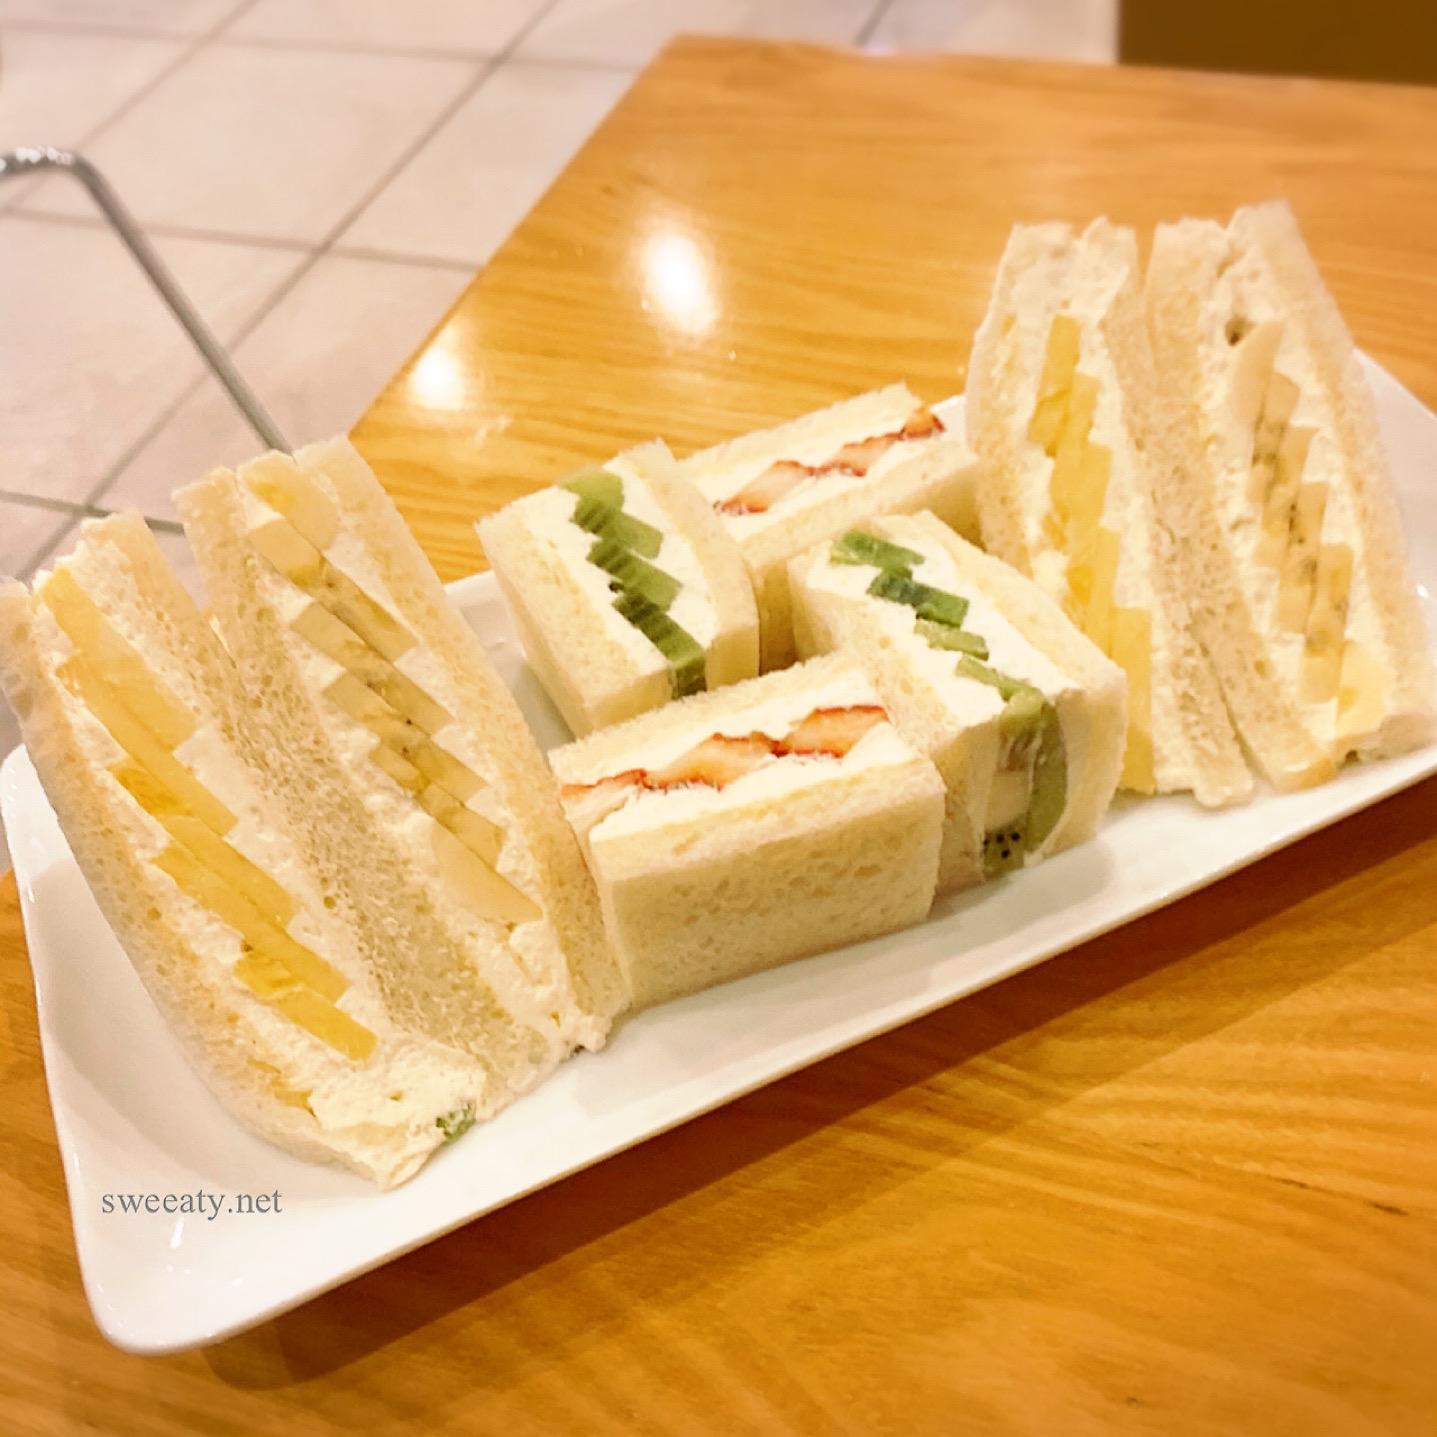 浅草◇フルーツパーラーゴトーでペリカンのパンのフルーツサンドが食べれる♡